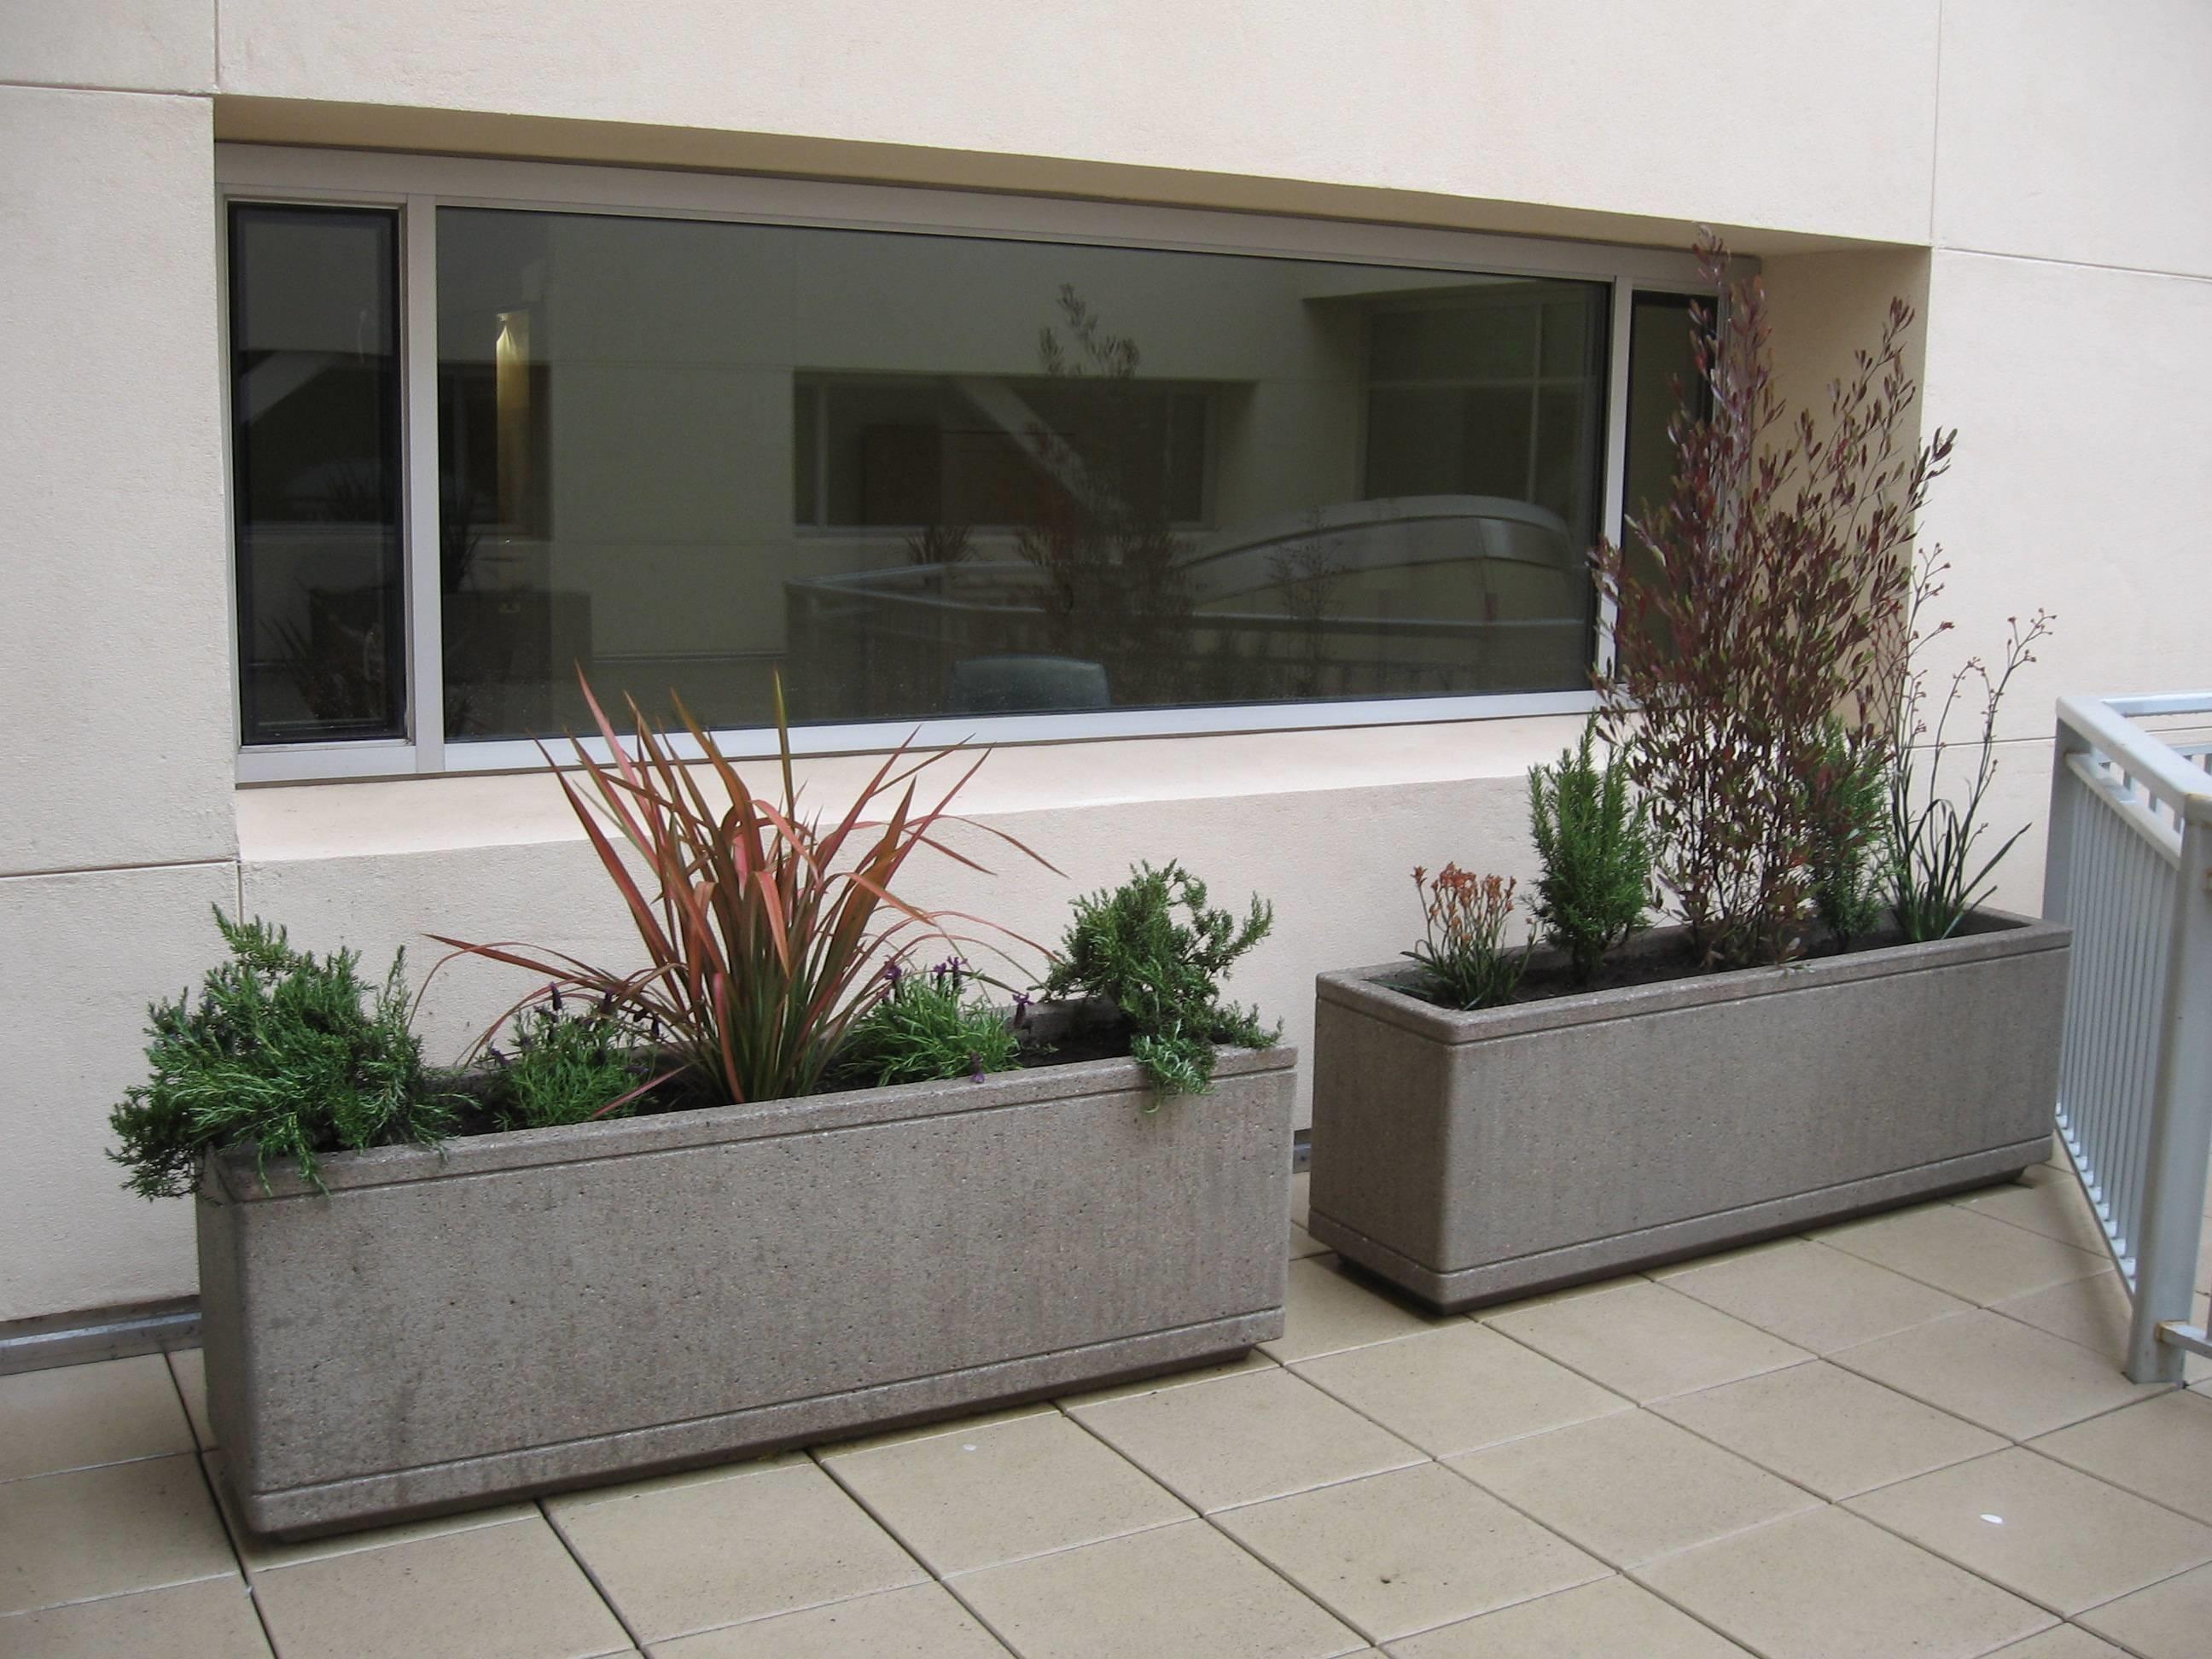 Fioriere da balcone vasi e fioriere - Vasi rettangolari da esterno ...